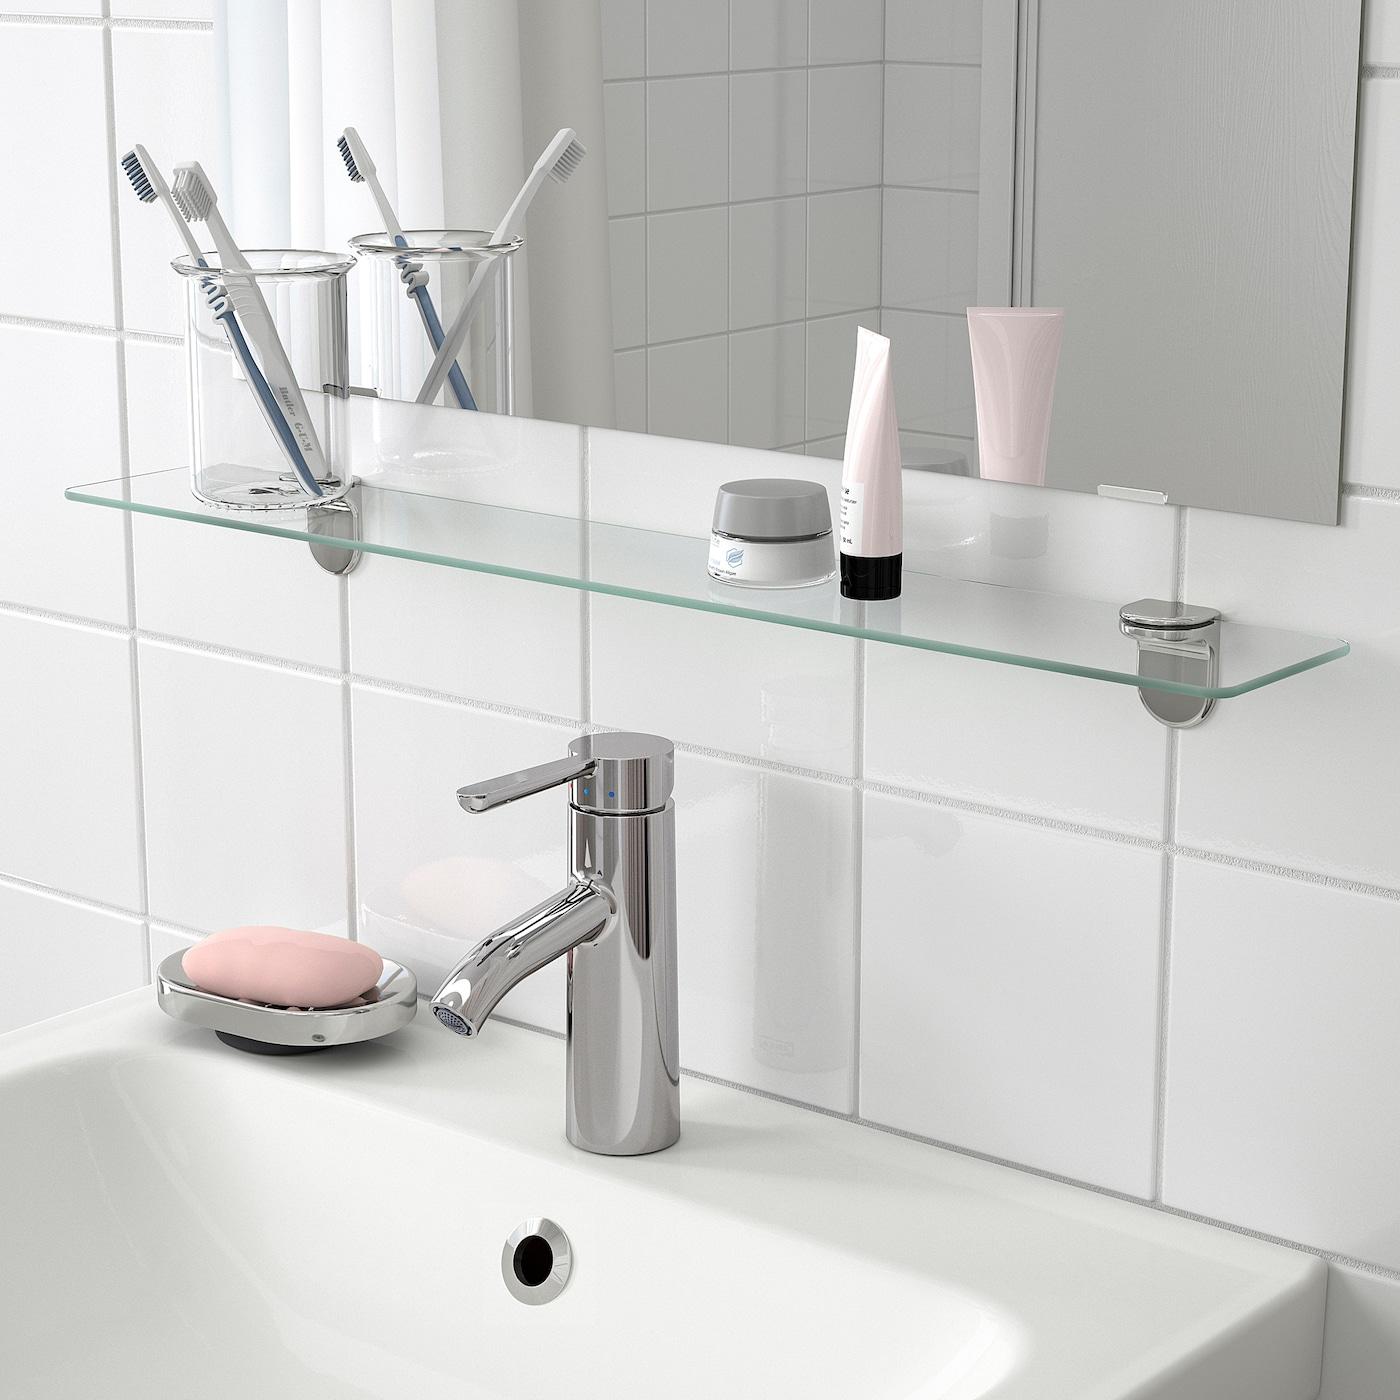 KALKGRUND Glass shelf 5x5 cm